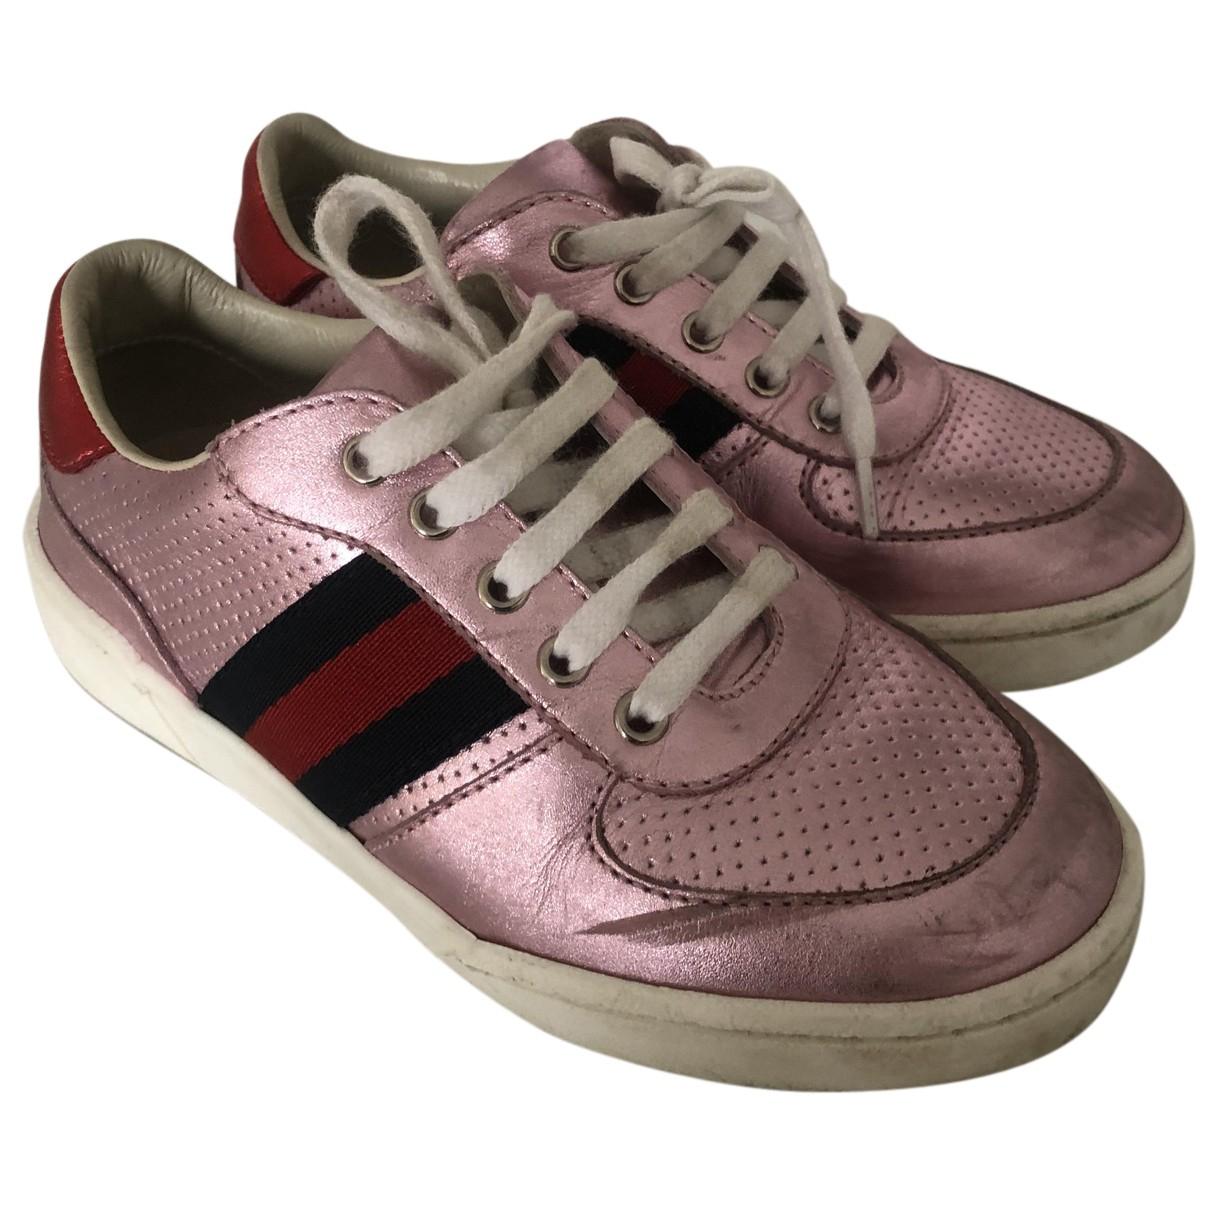 Gucci - Baskets   pour enfant en cuir - rose